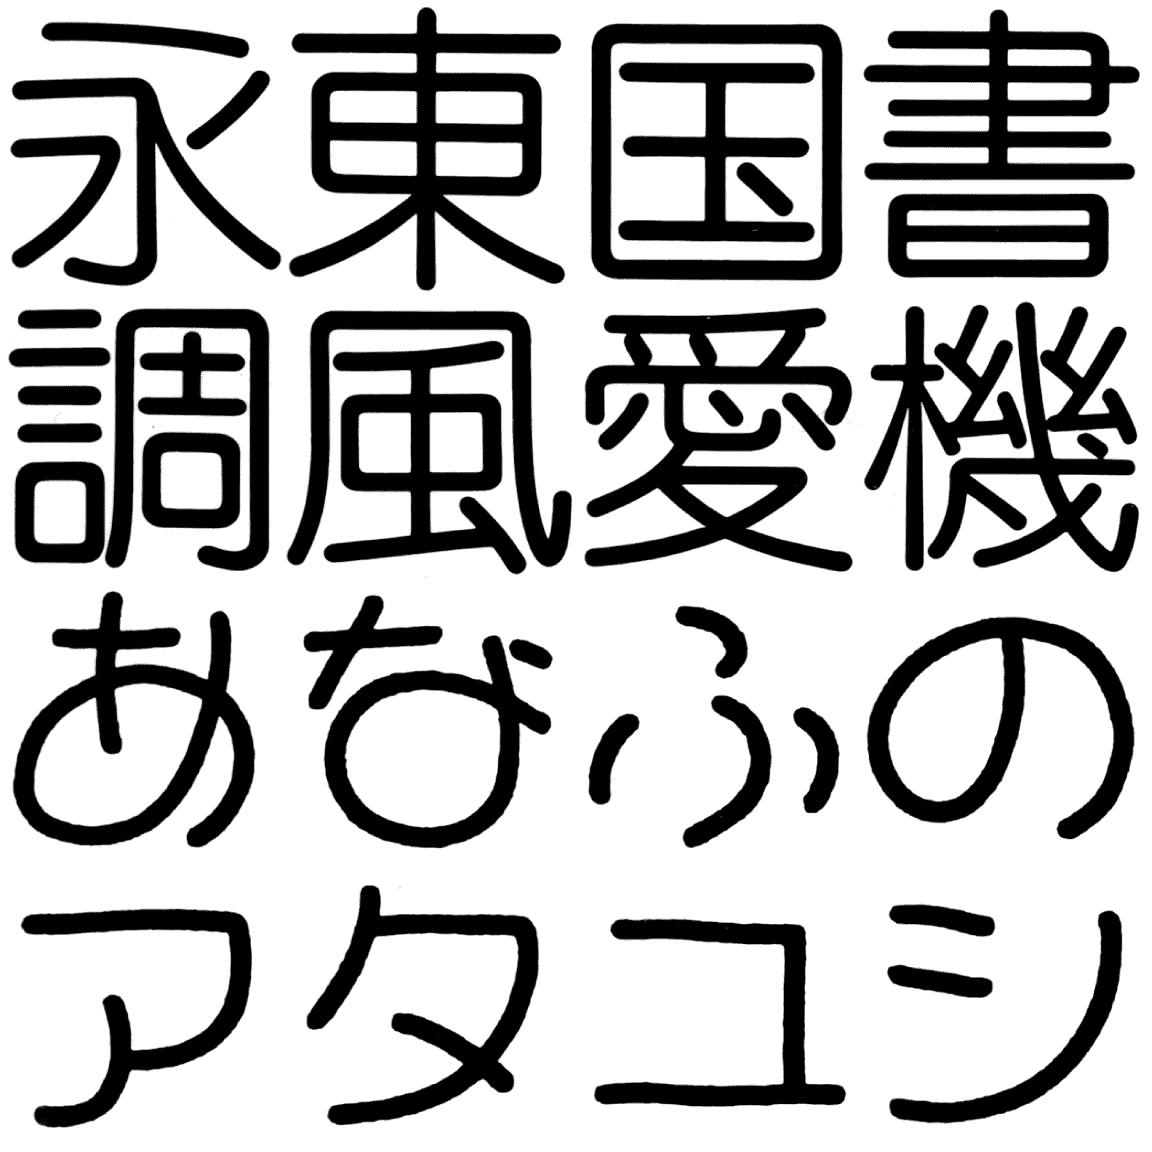 エツール M METR 字形見本